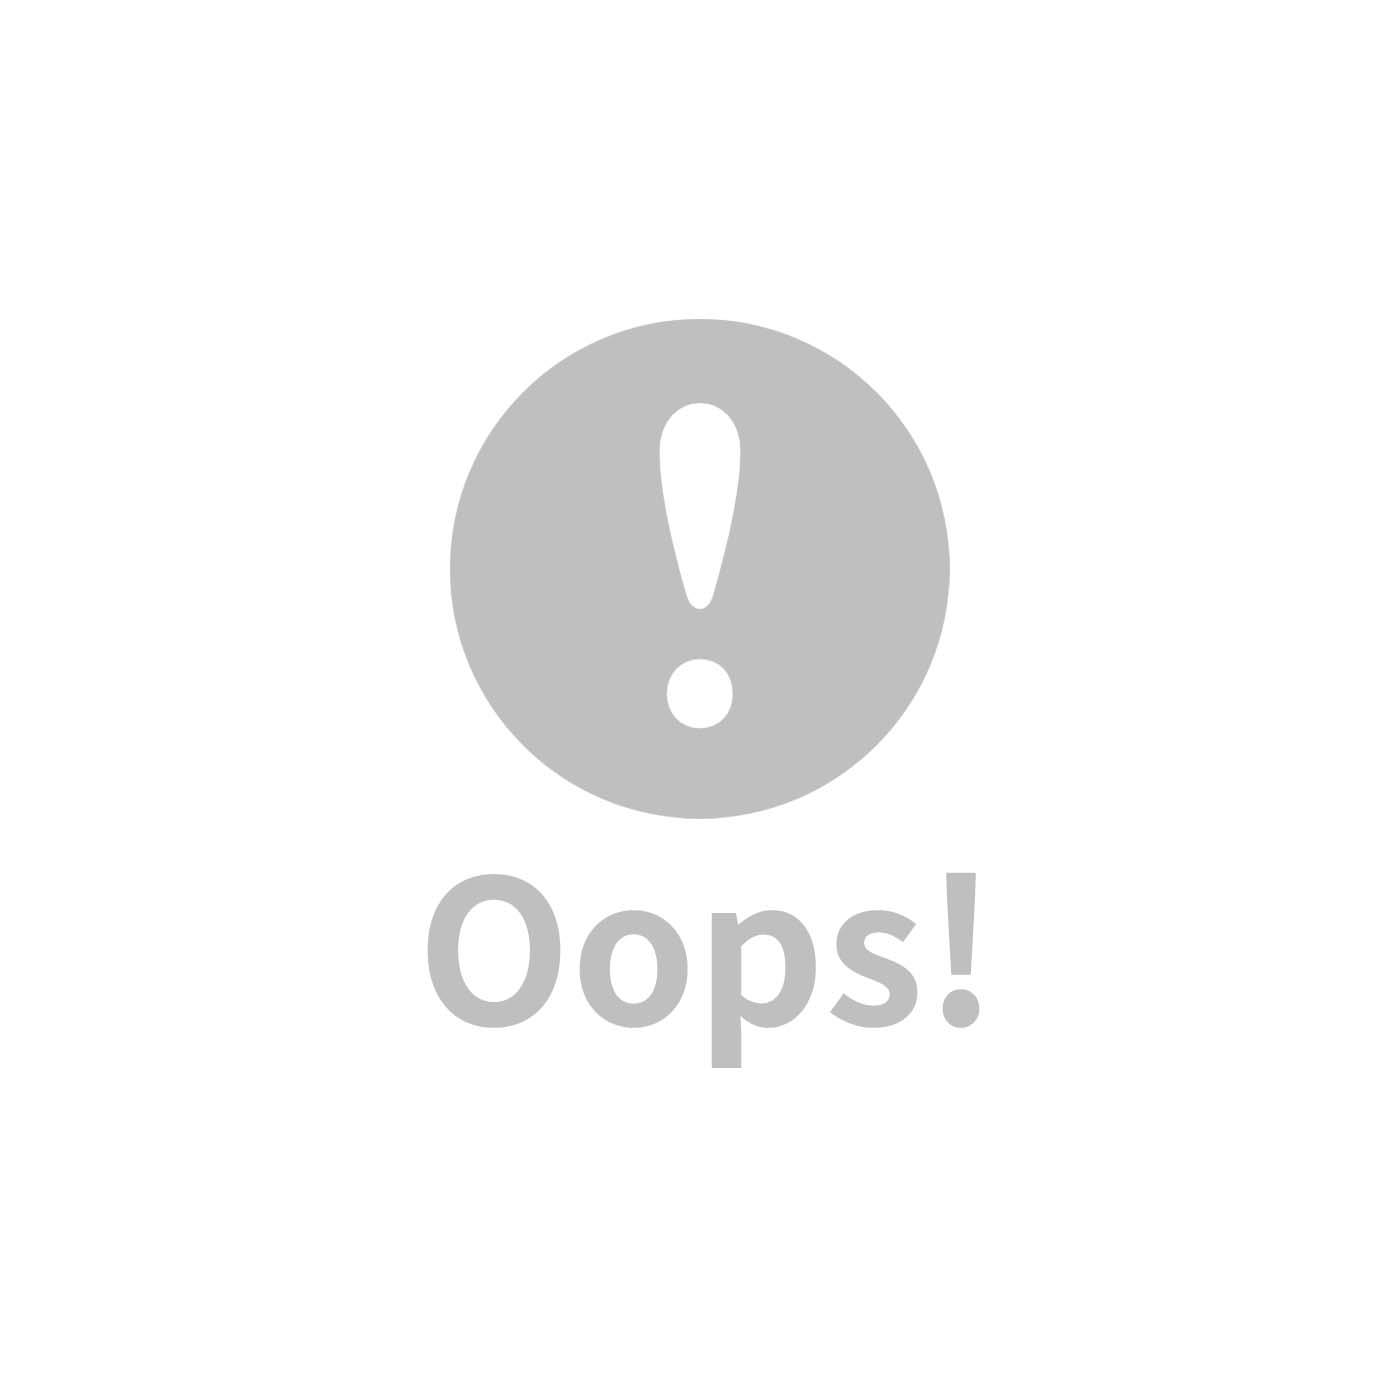 global affairs 童話手工編織安撫音樂鈴_海洋系列(海龜長老)